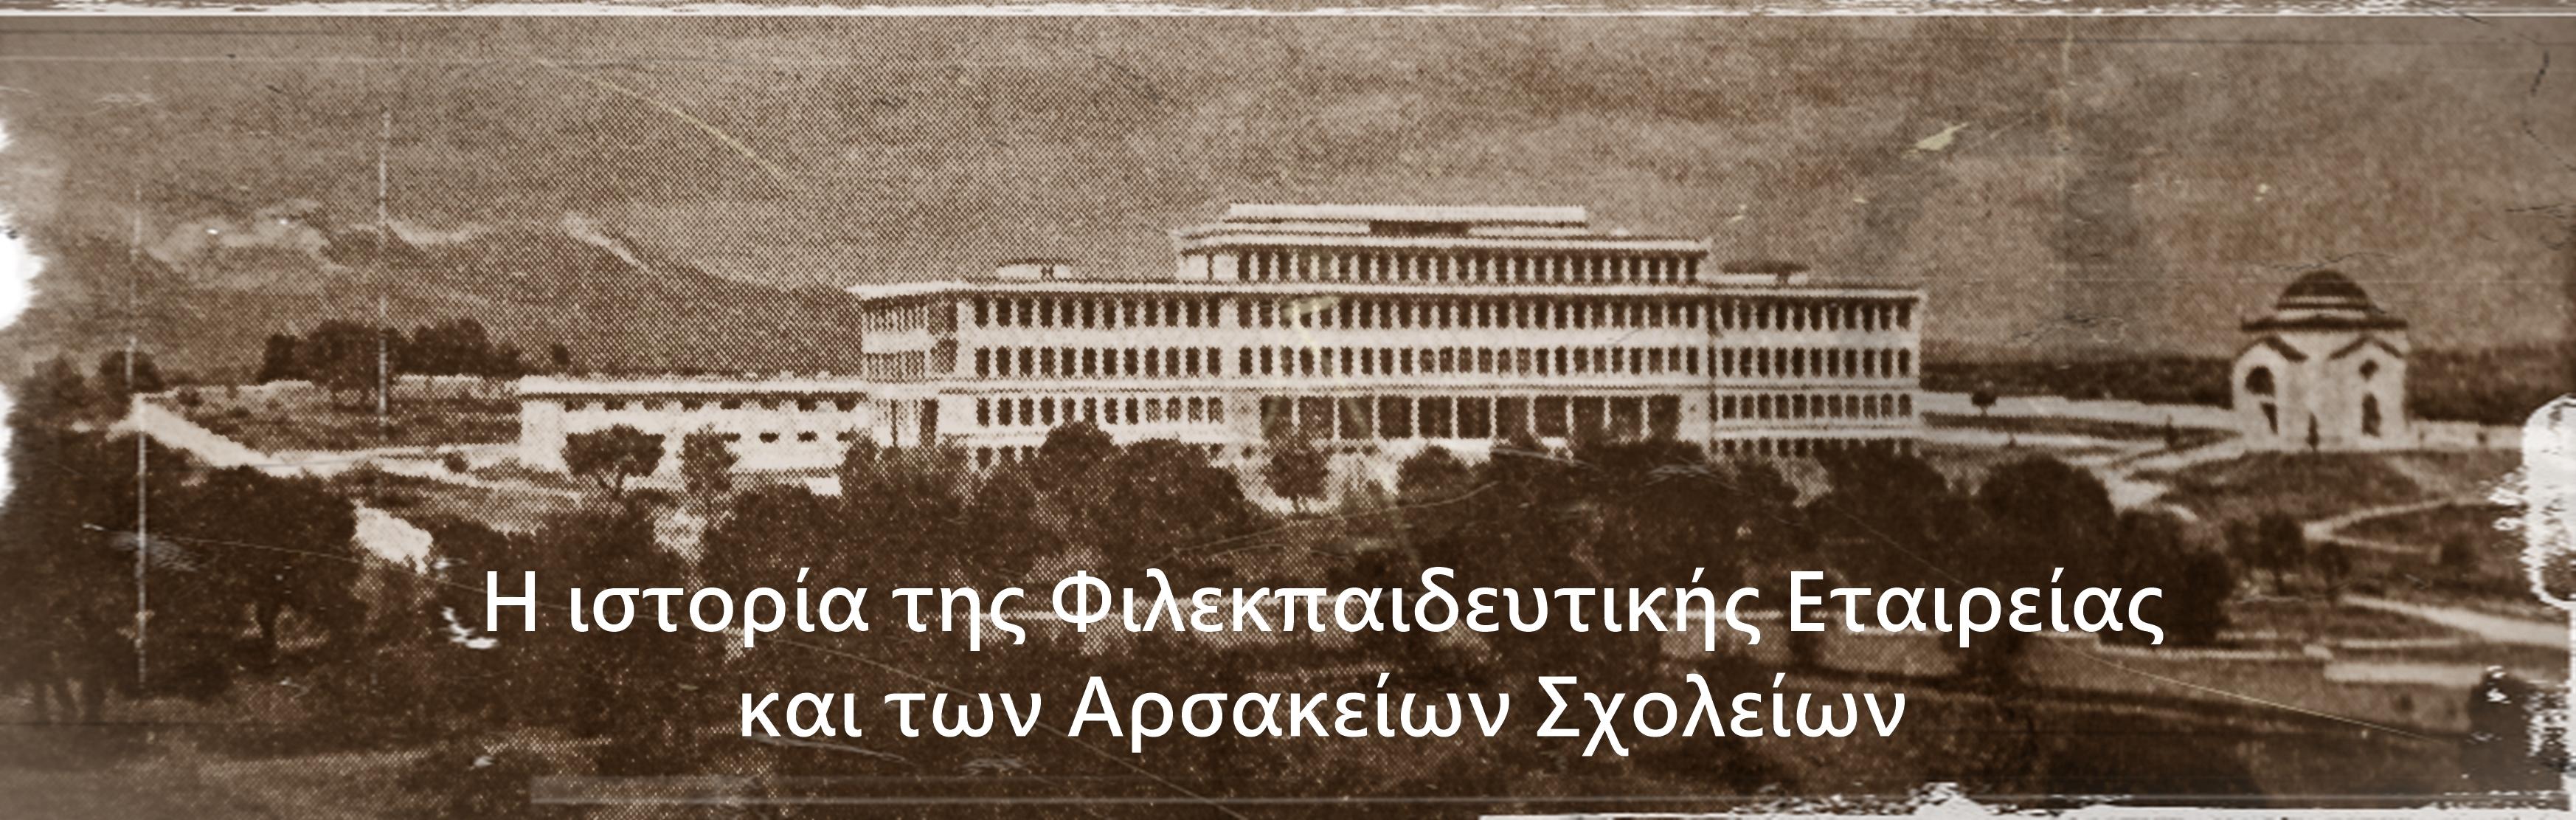 History.arsakeio.gr